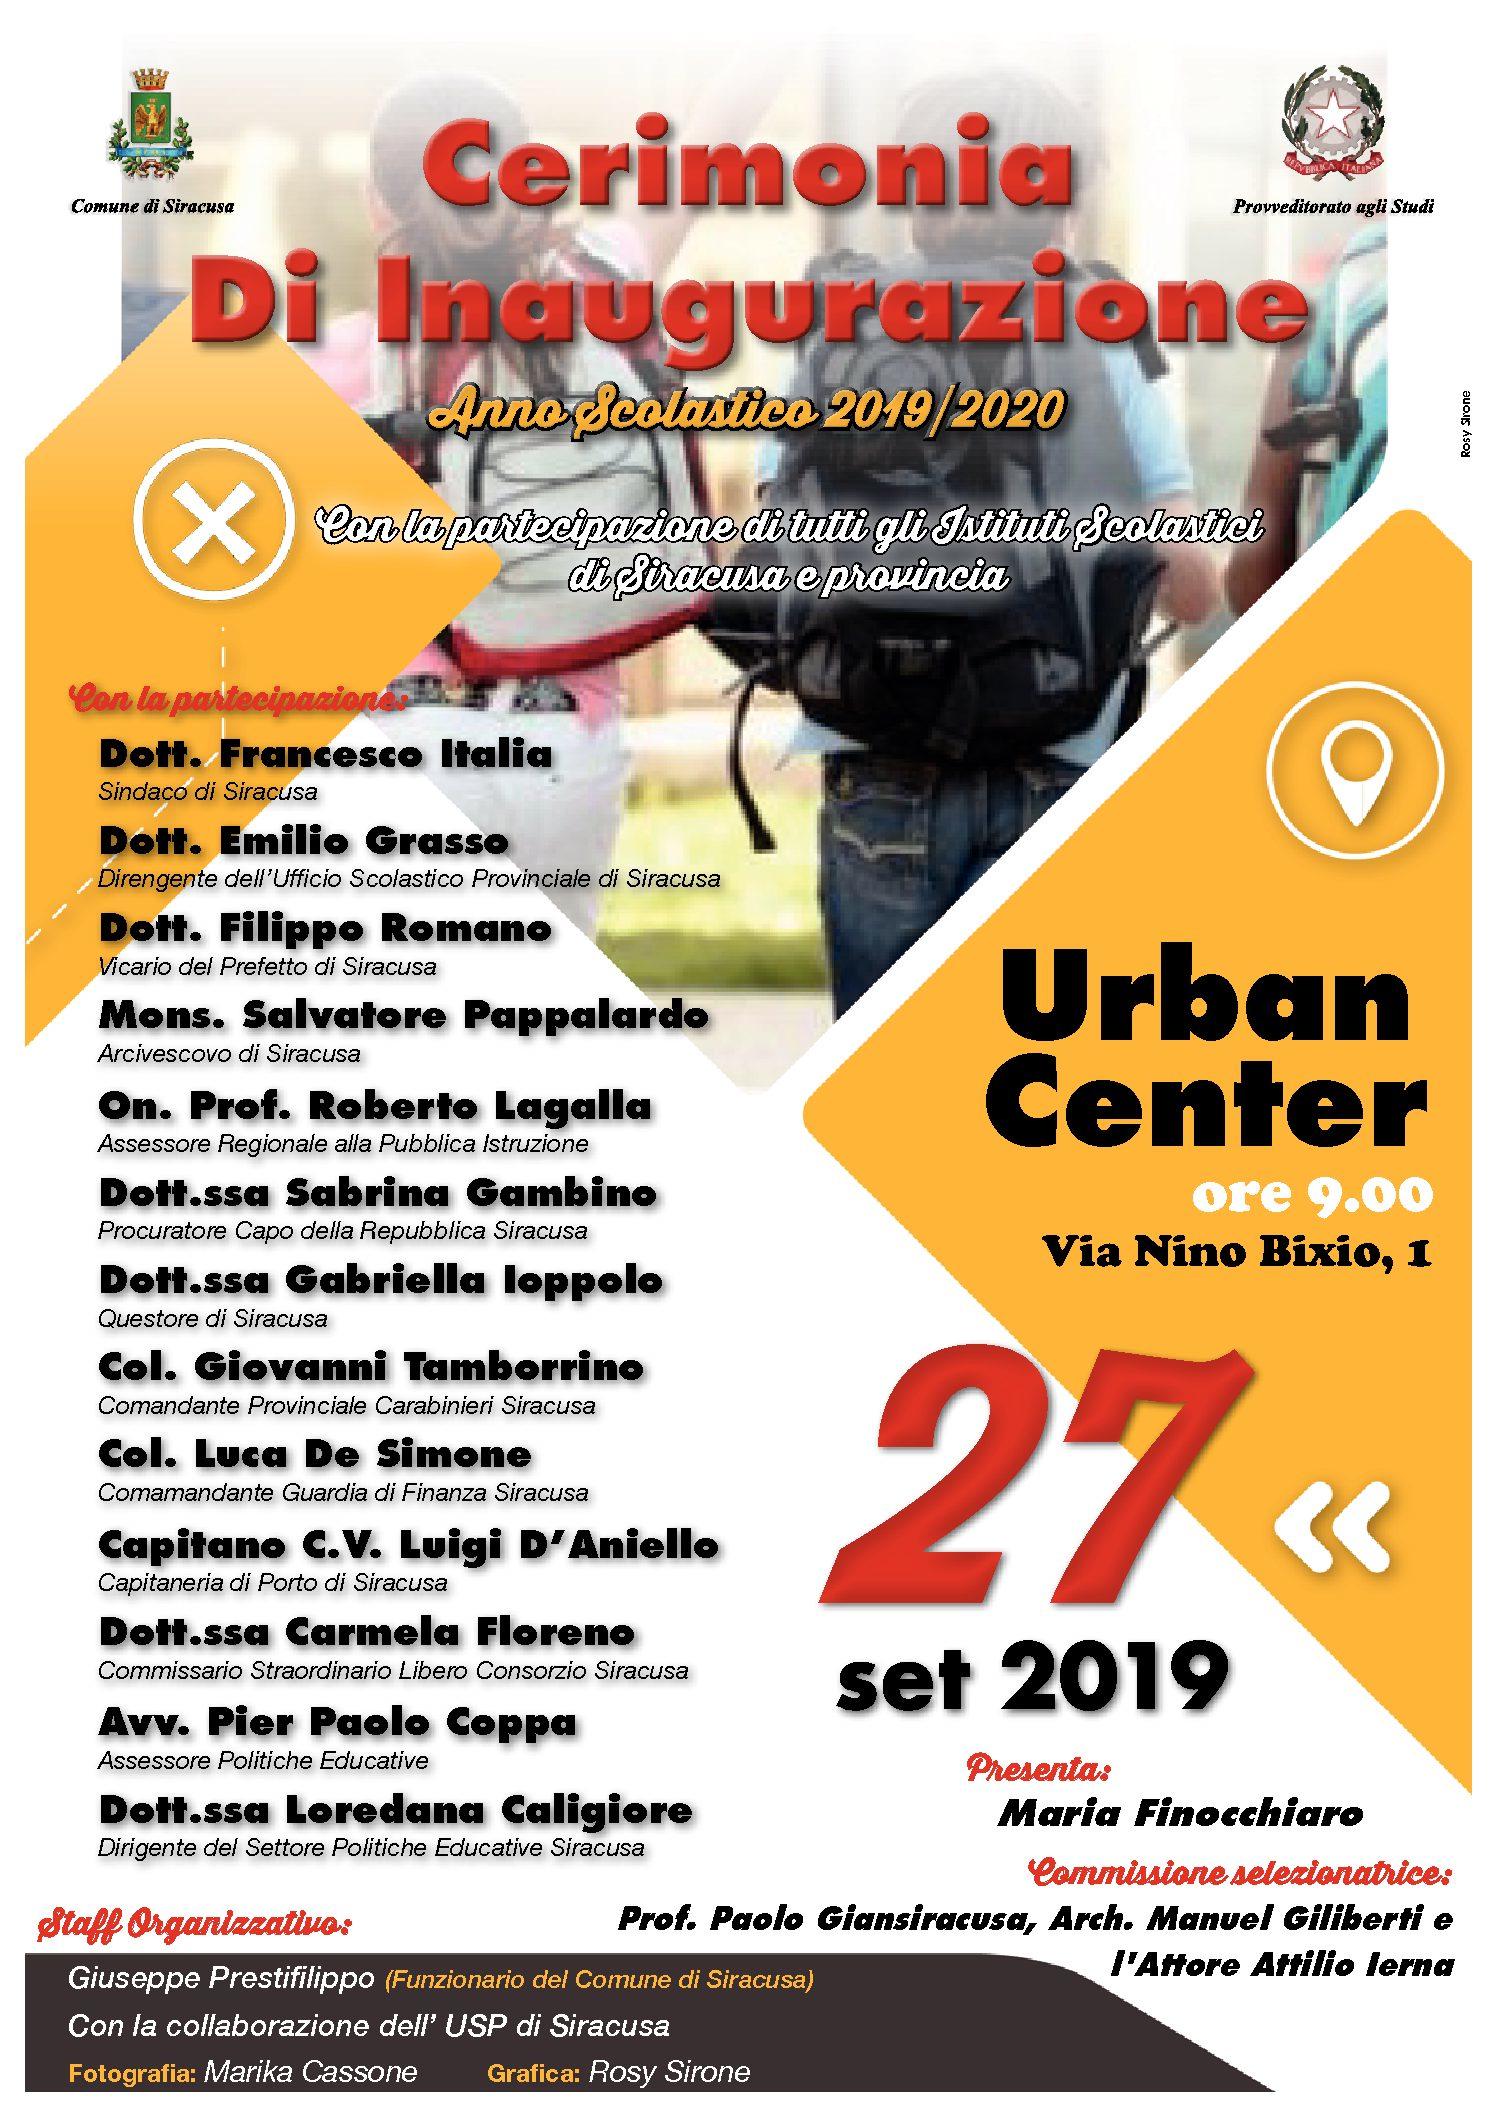 Inaugurazione nuovo anno scolastico Cerimonia all'Urban Center Venerdì 27 settembre, ore 9.30